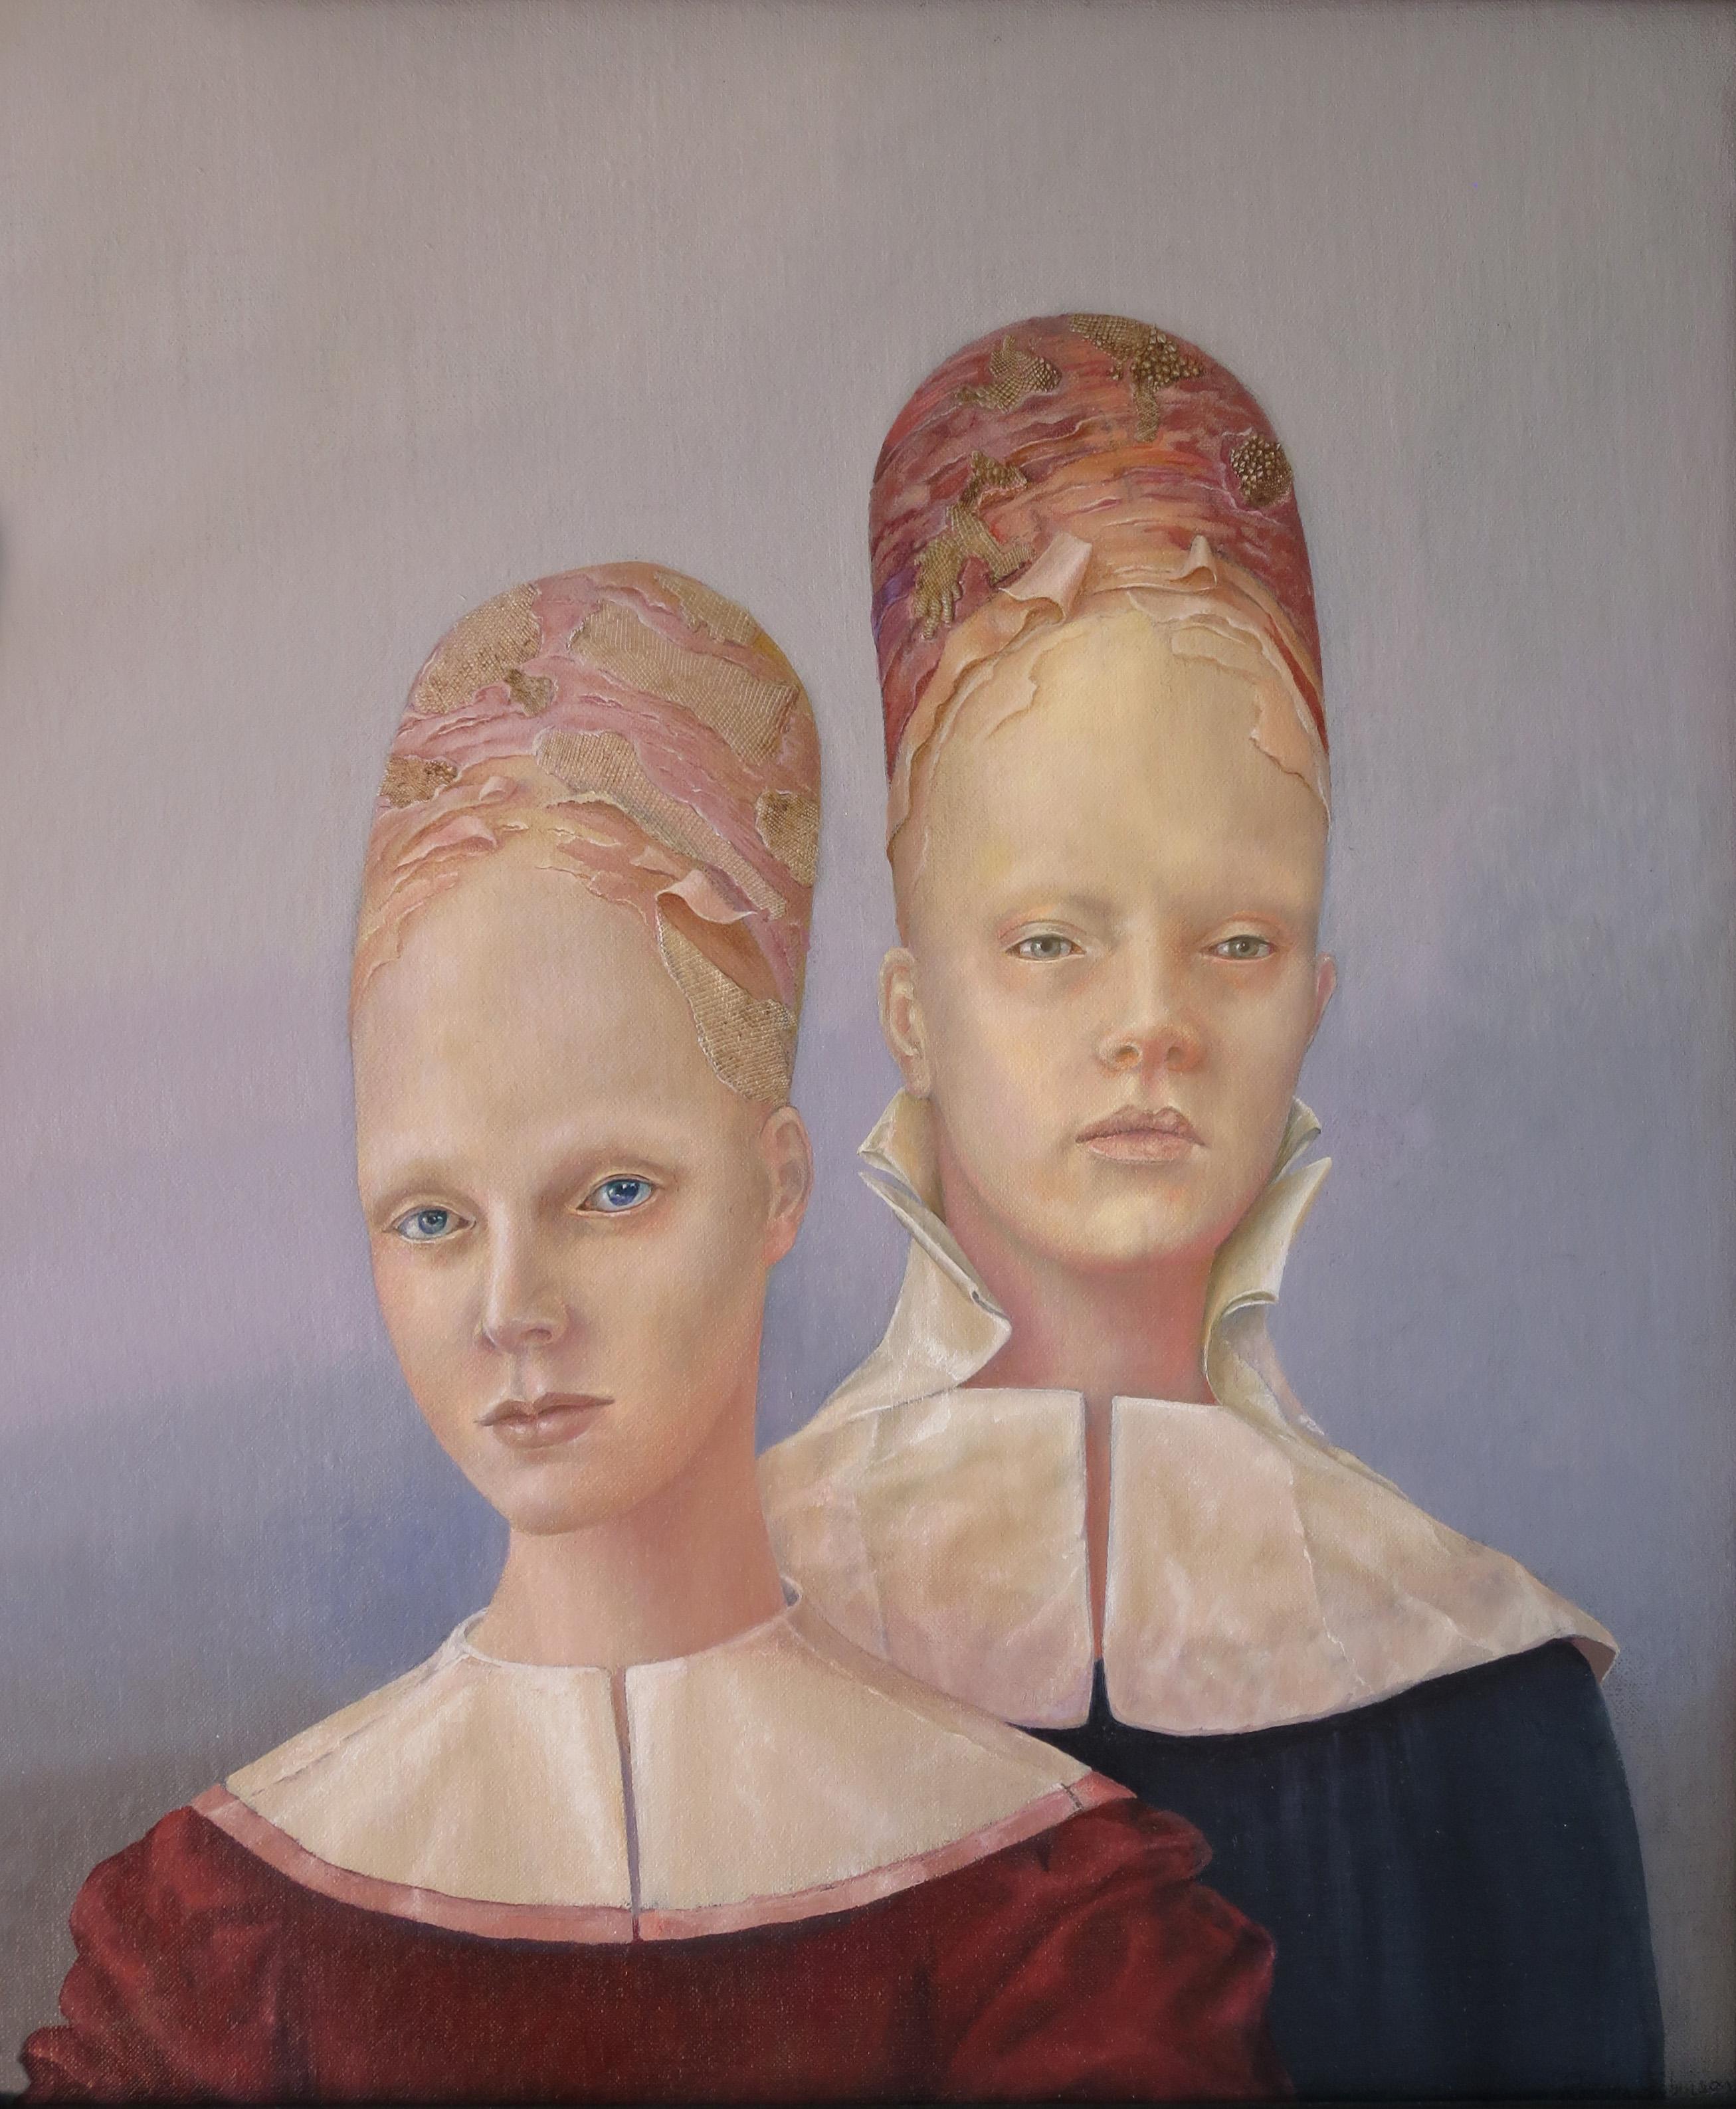 Rosalins Robinson painting